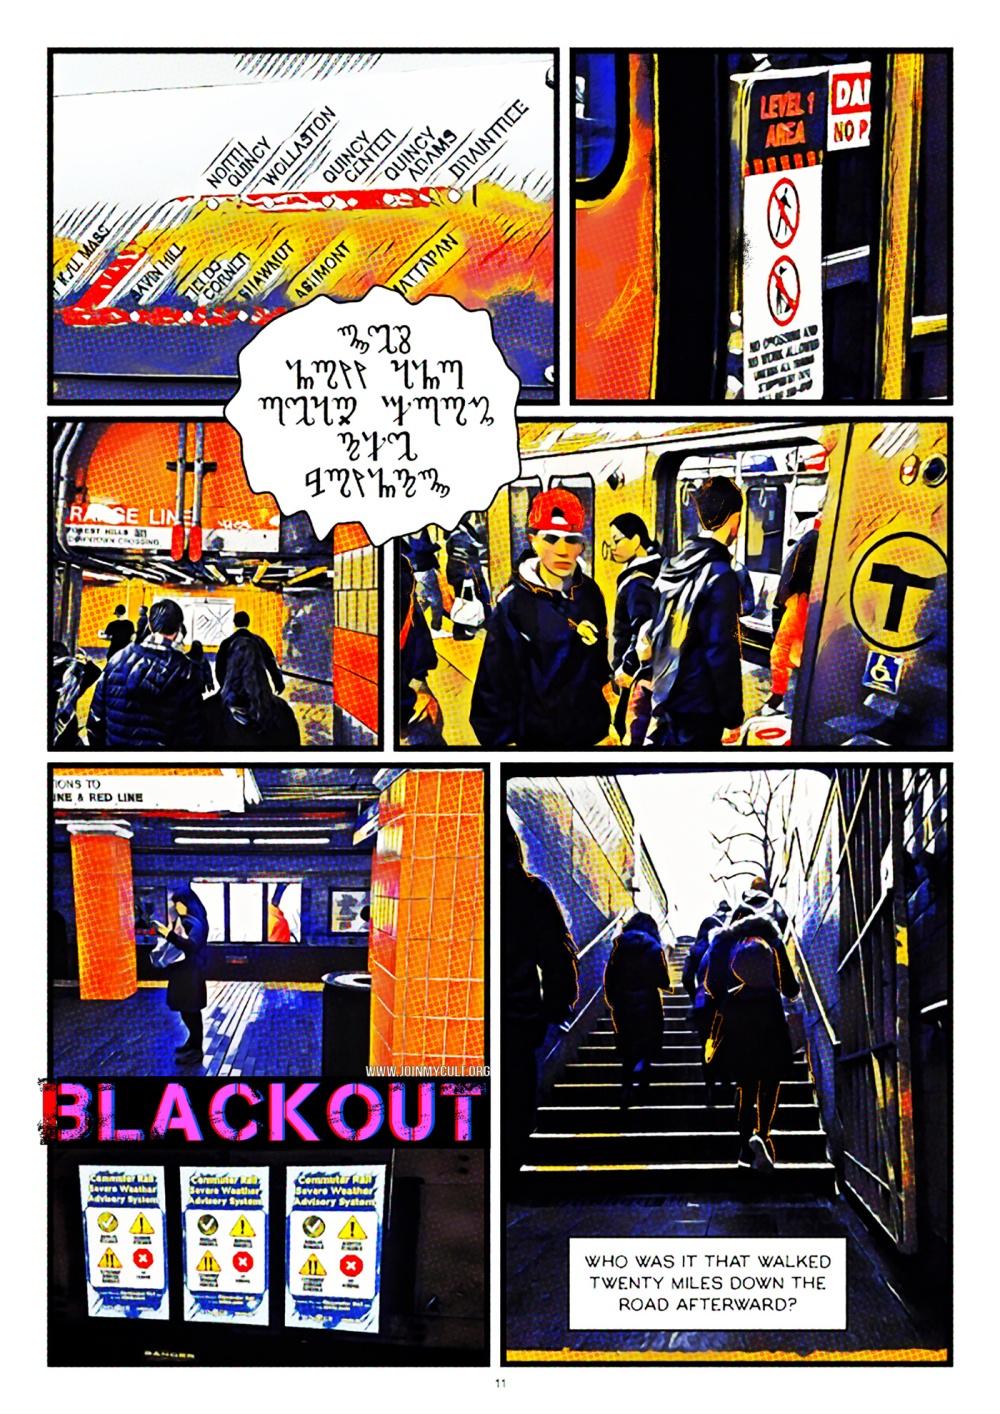 BLACKOUT1-11